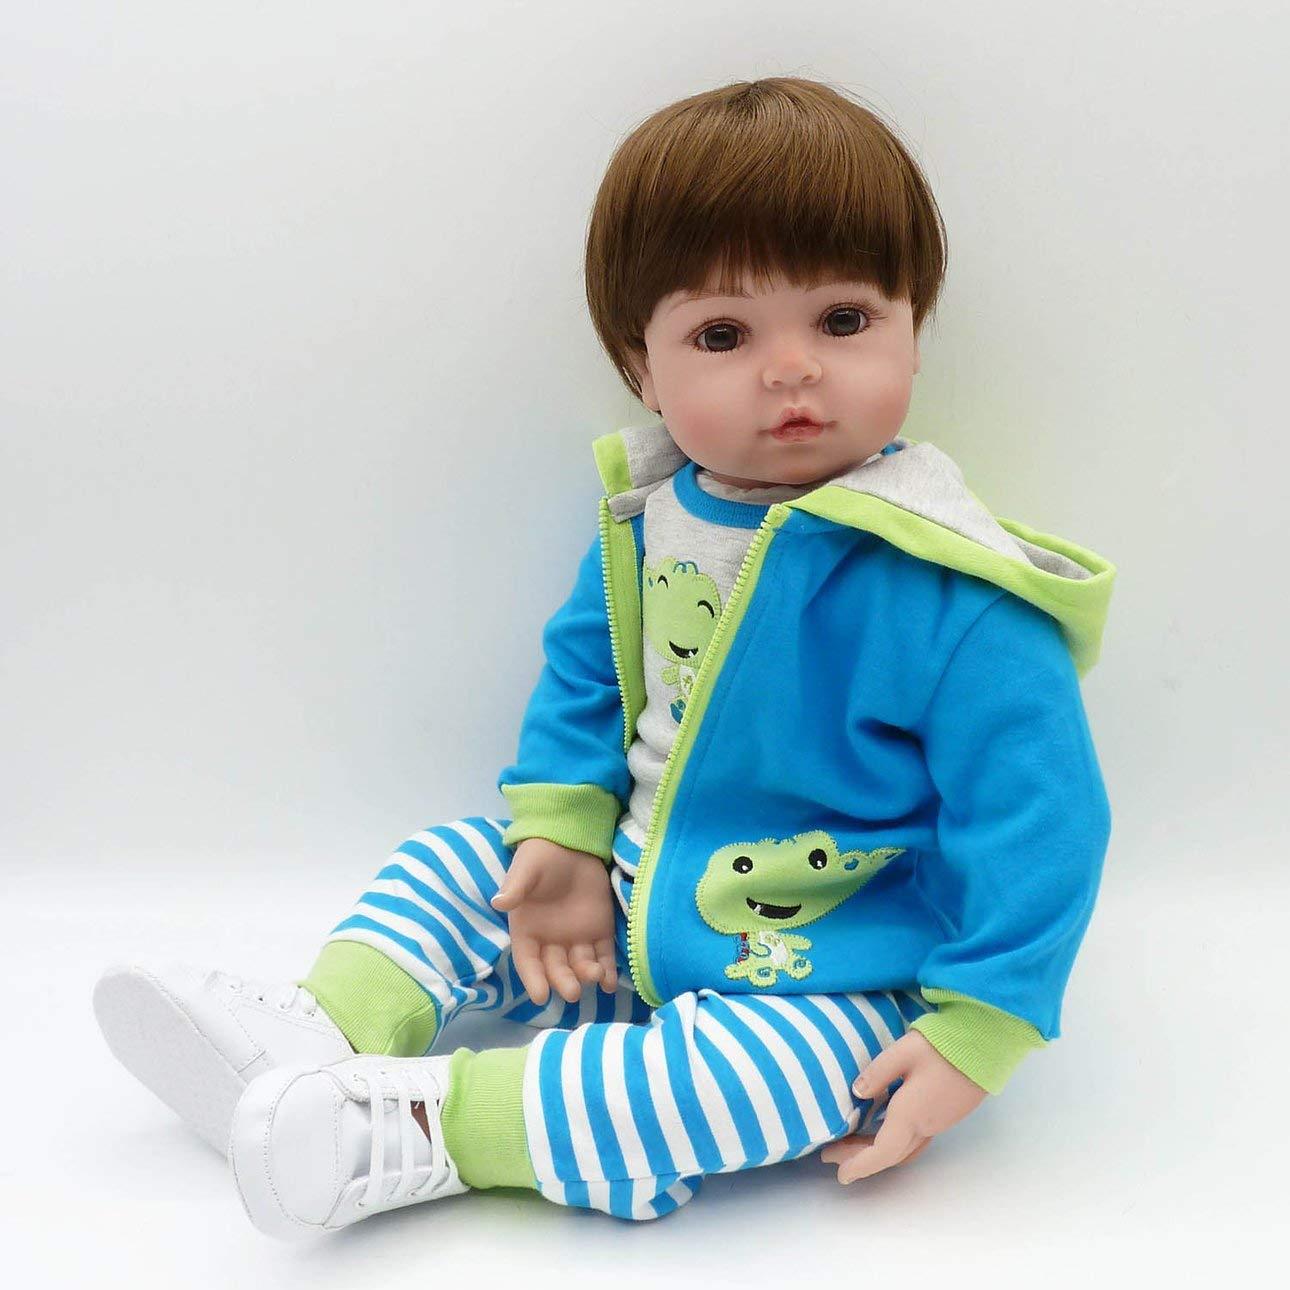 Ballylelly Bambola Piena del Bambino della Bambola della Bambola del Vinile del Vinile di 58cm Full Body Baby Baby Reborn